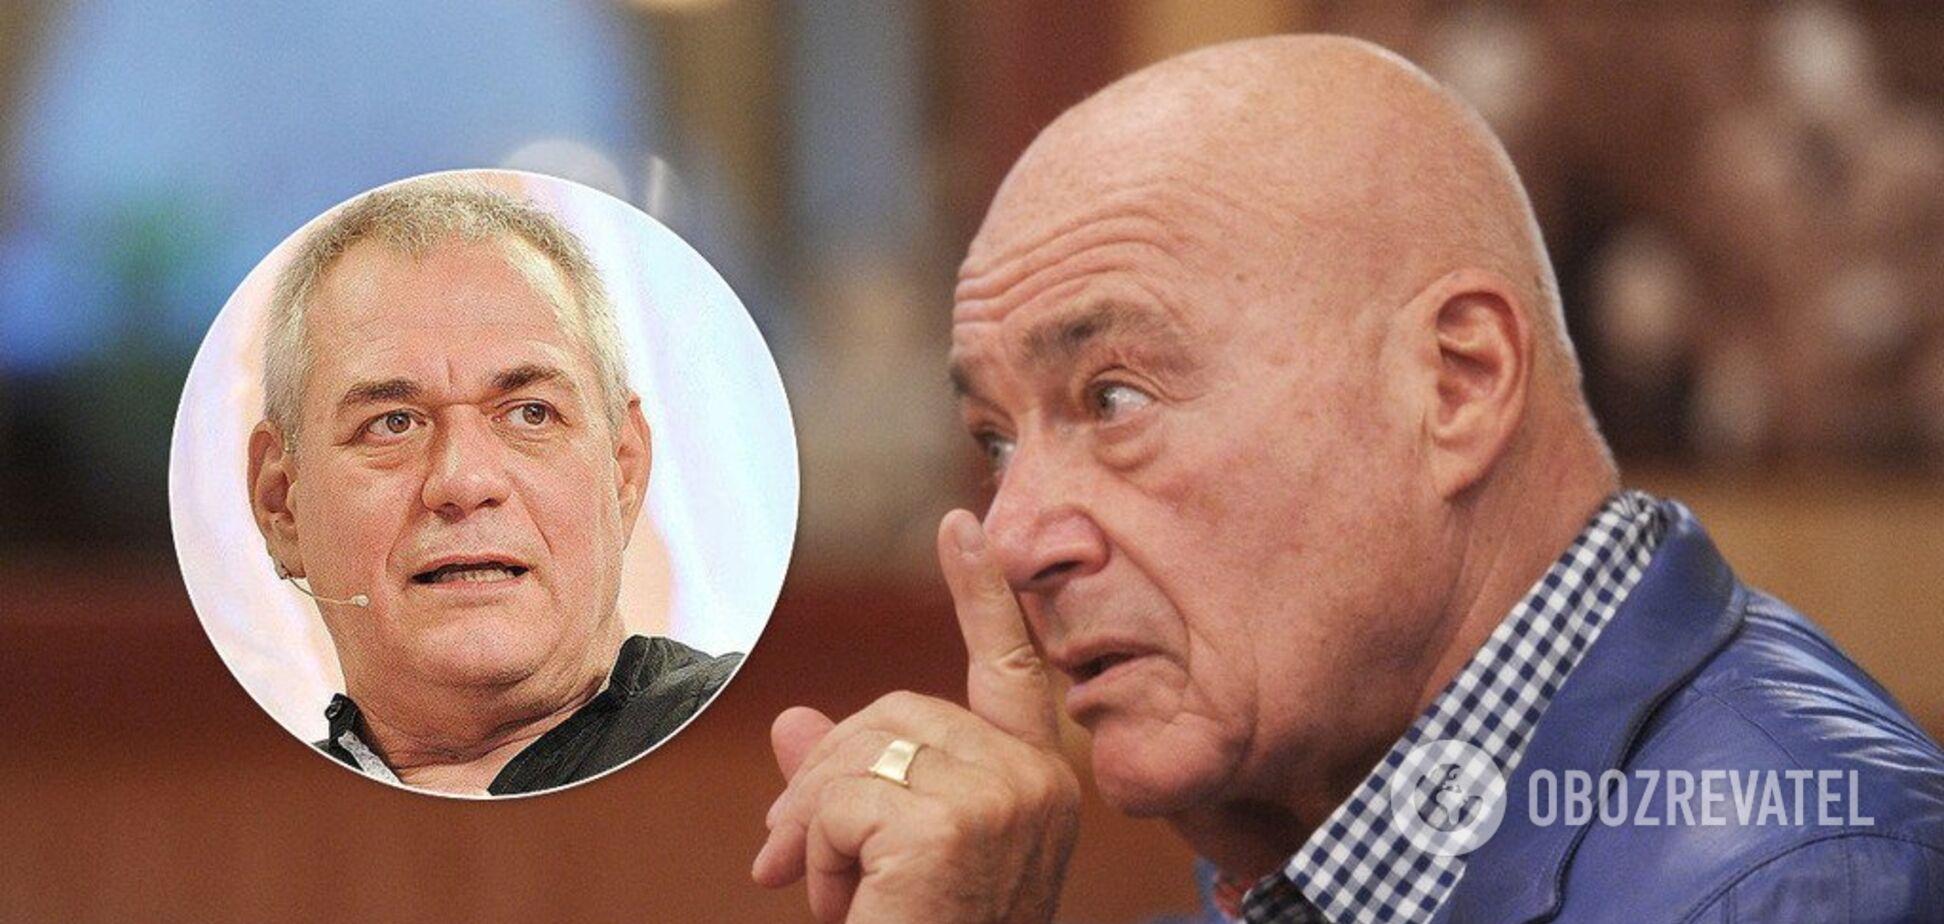 'Думаю, он в аду!' Познер критично высказался о смерти Доренко